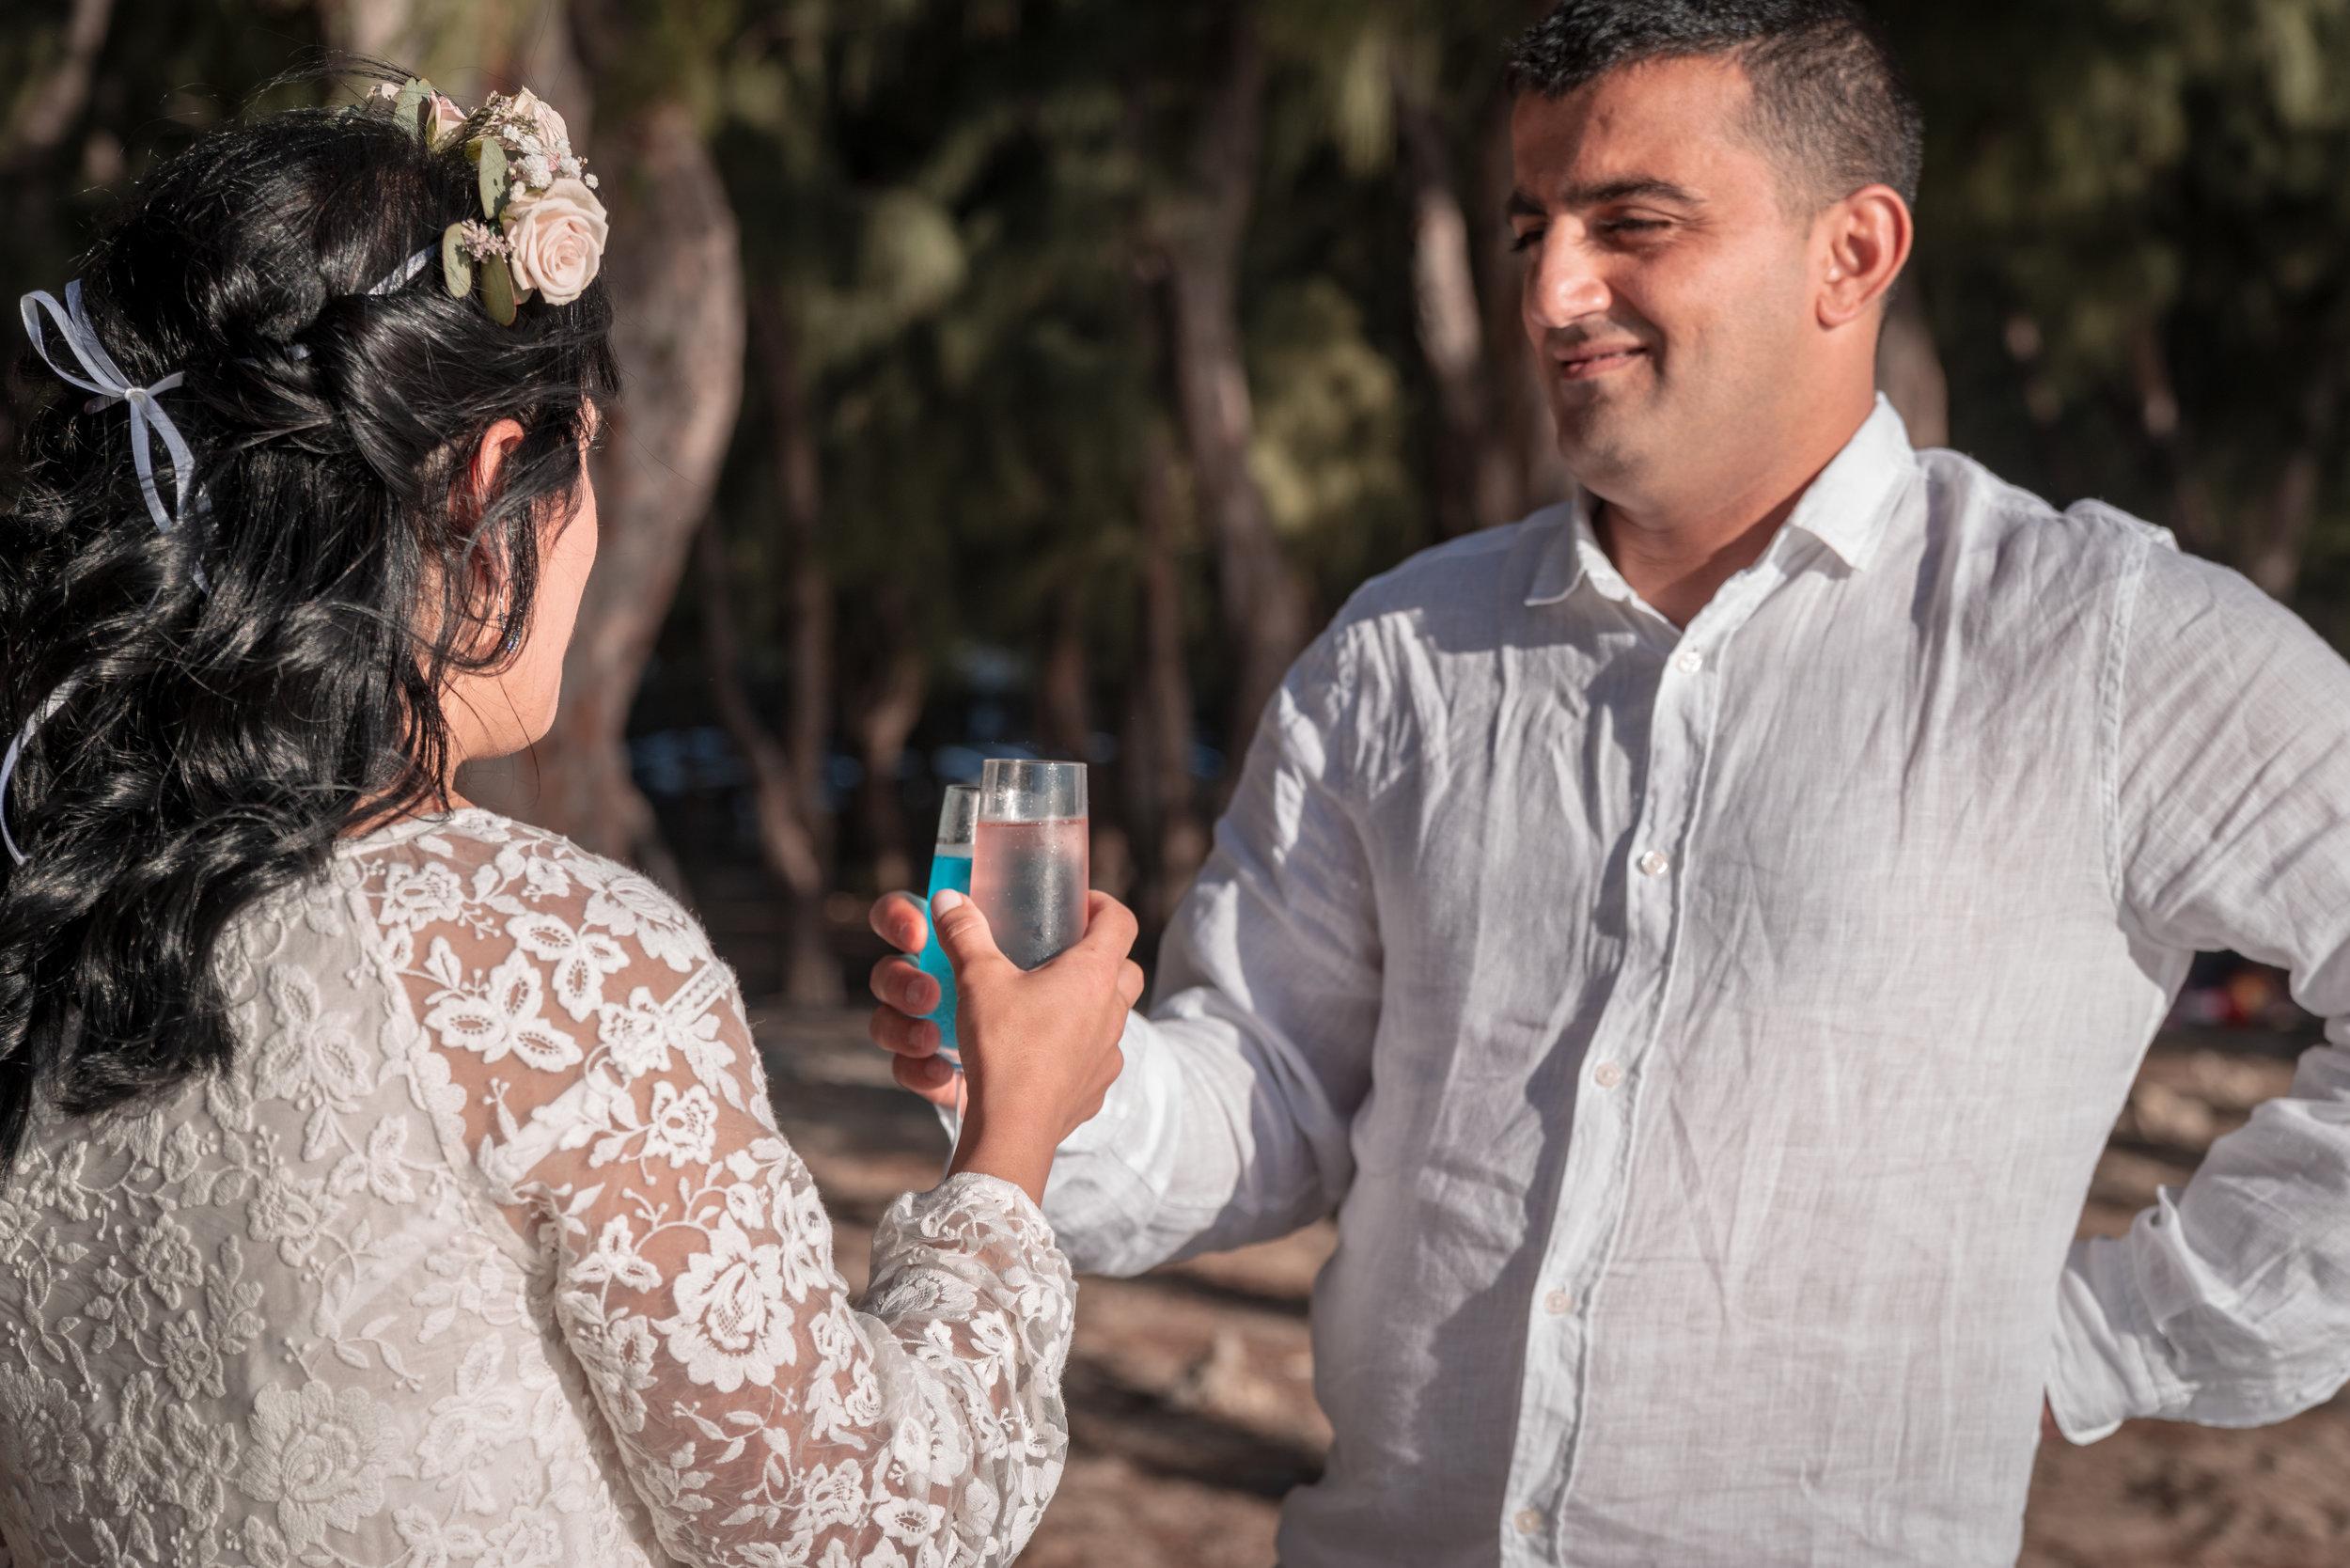 MRevenement organisation de mariage D et F cérémonie laïque La Réunion (21).jpeg